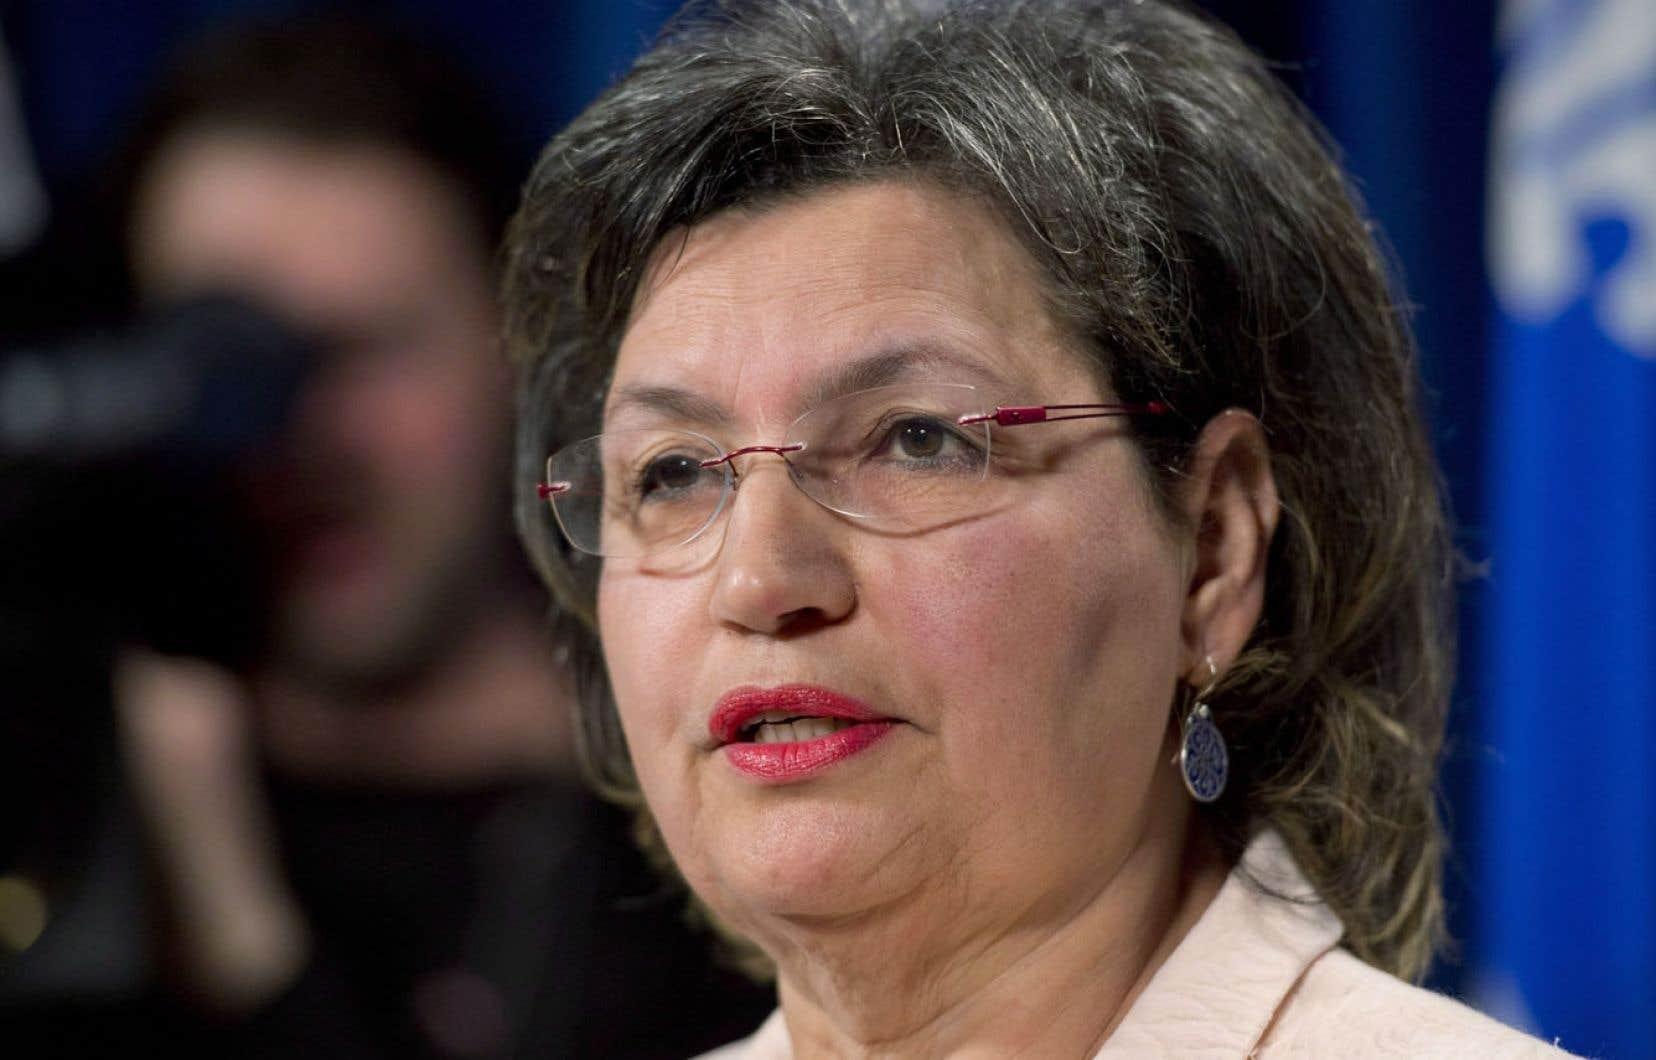 L'affrontement le plus suivi de la campagne risque d'être celui de la circonscription de La Pinière, en Montérégie, où Fatima Houda-Pepin, «libérale indépendante», croisera le fer avec Gaétan Barrette, candidat pour le Parti libéral. Les citoyens resteront-ils fidèles à «Fatima», ou choisiront-ils le très connu DrBarrette?